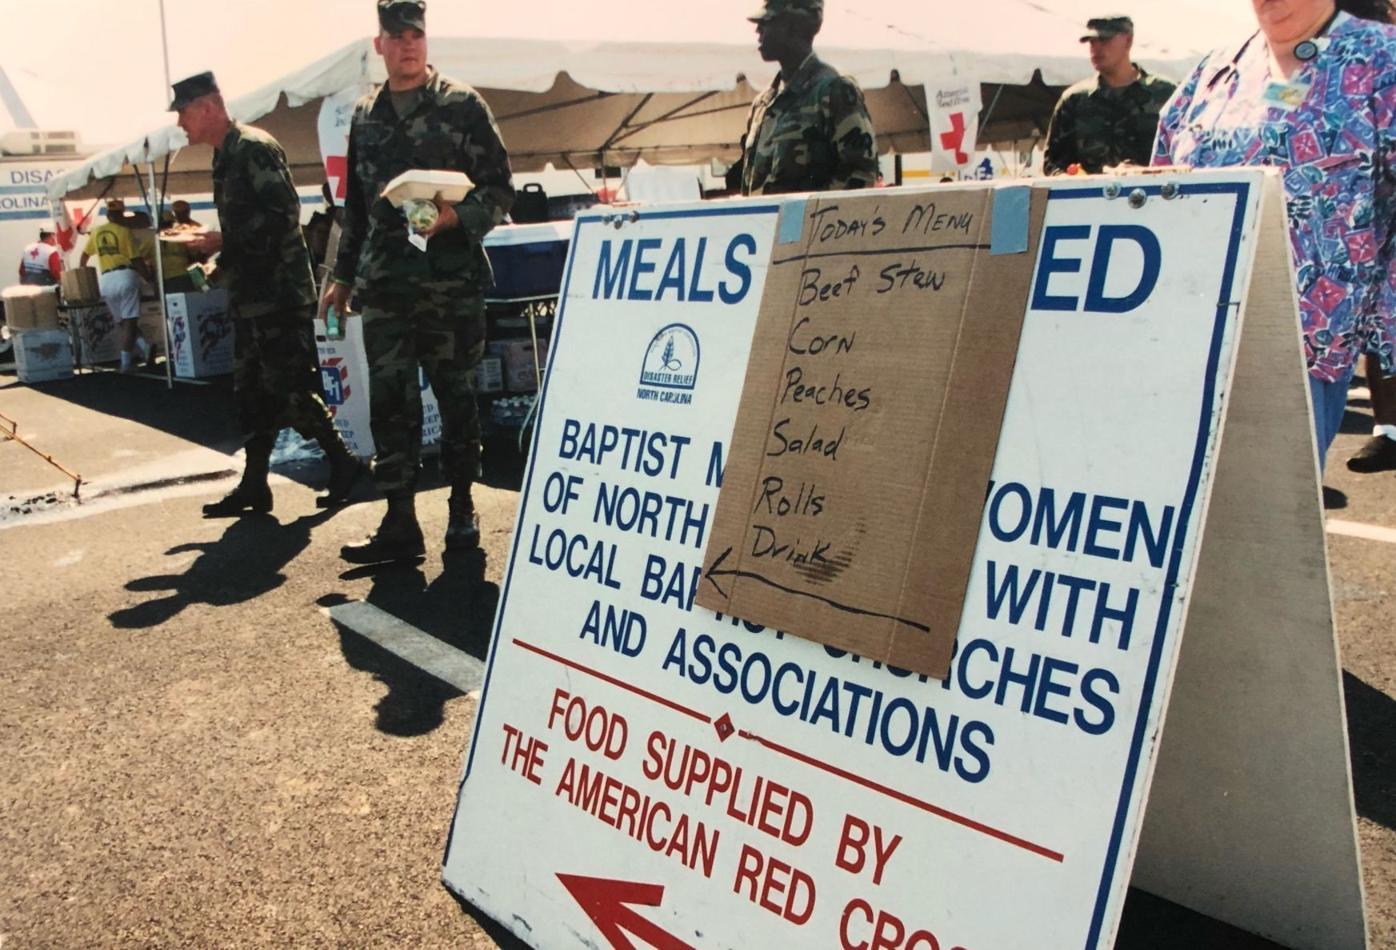 NC Baptist Men 9/11